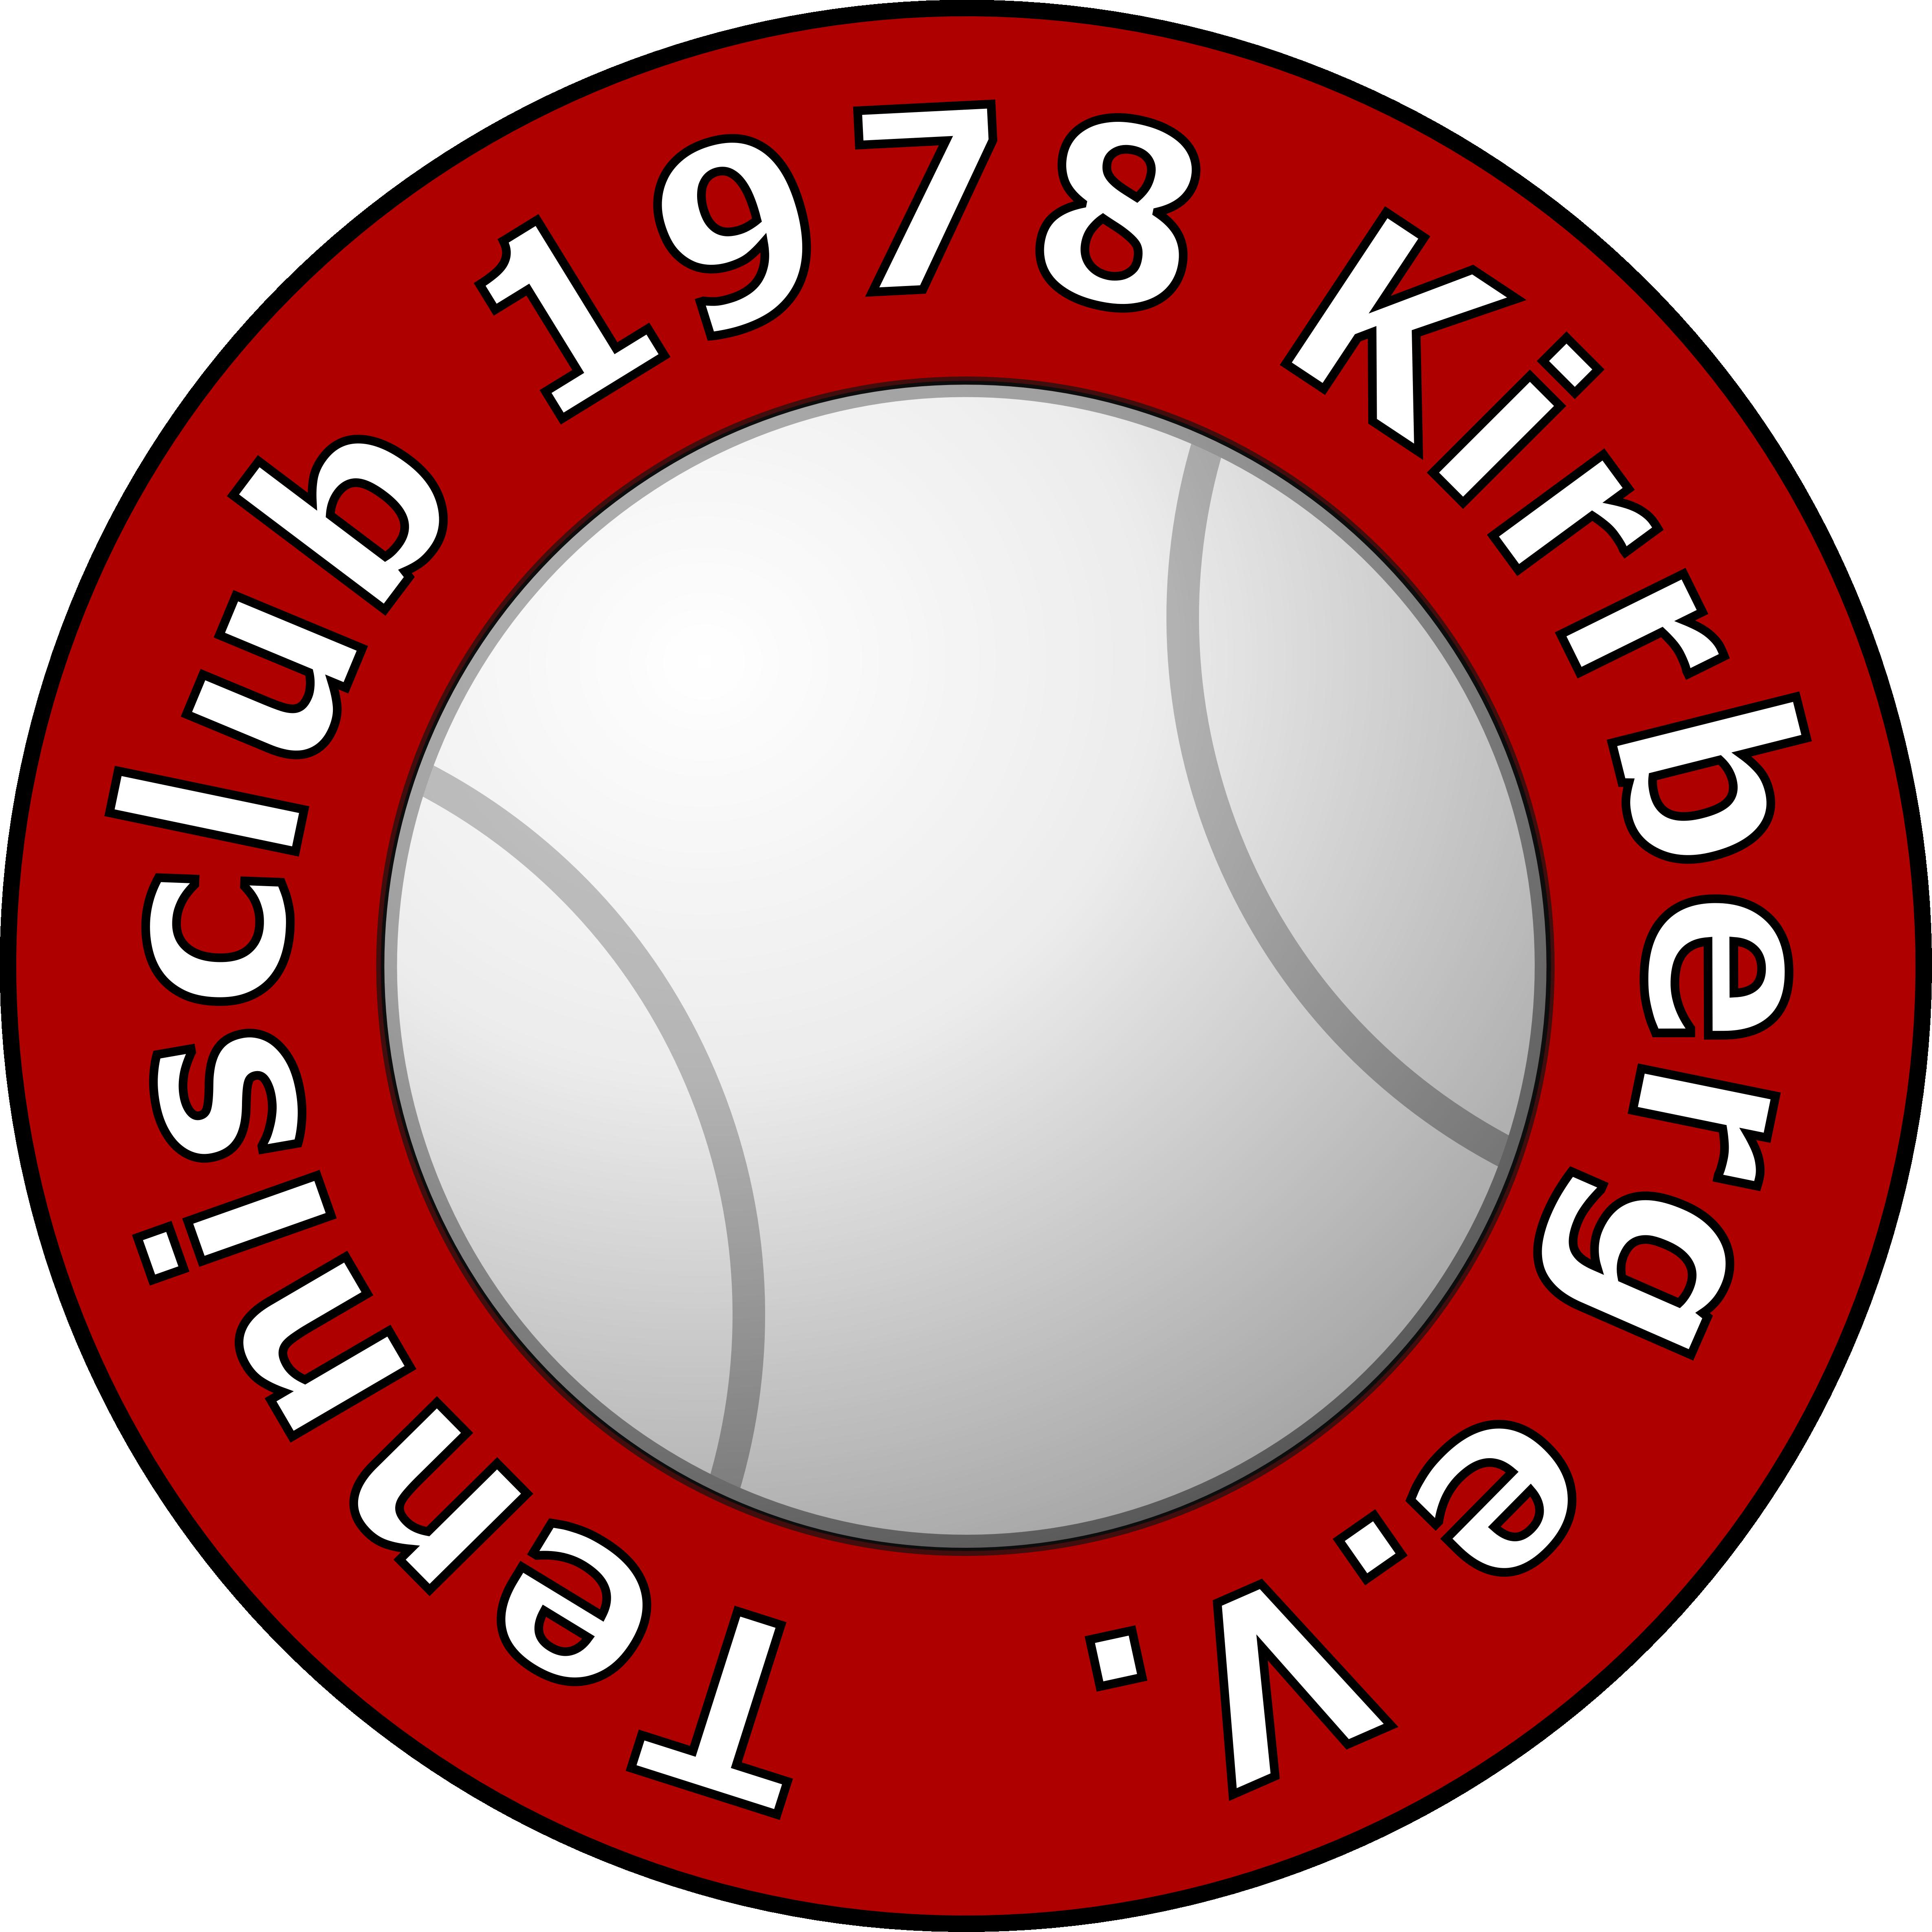 Tennisclub 1978 Kirrberg e.V.